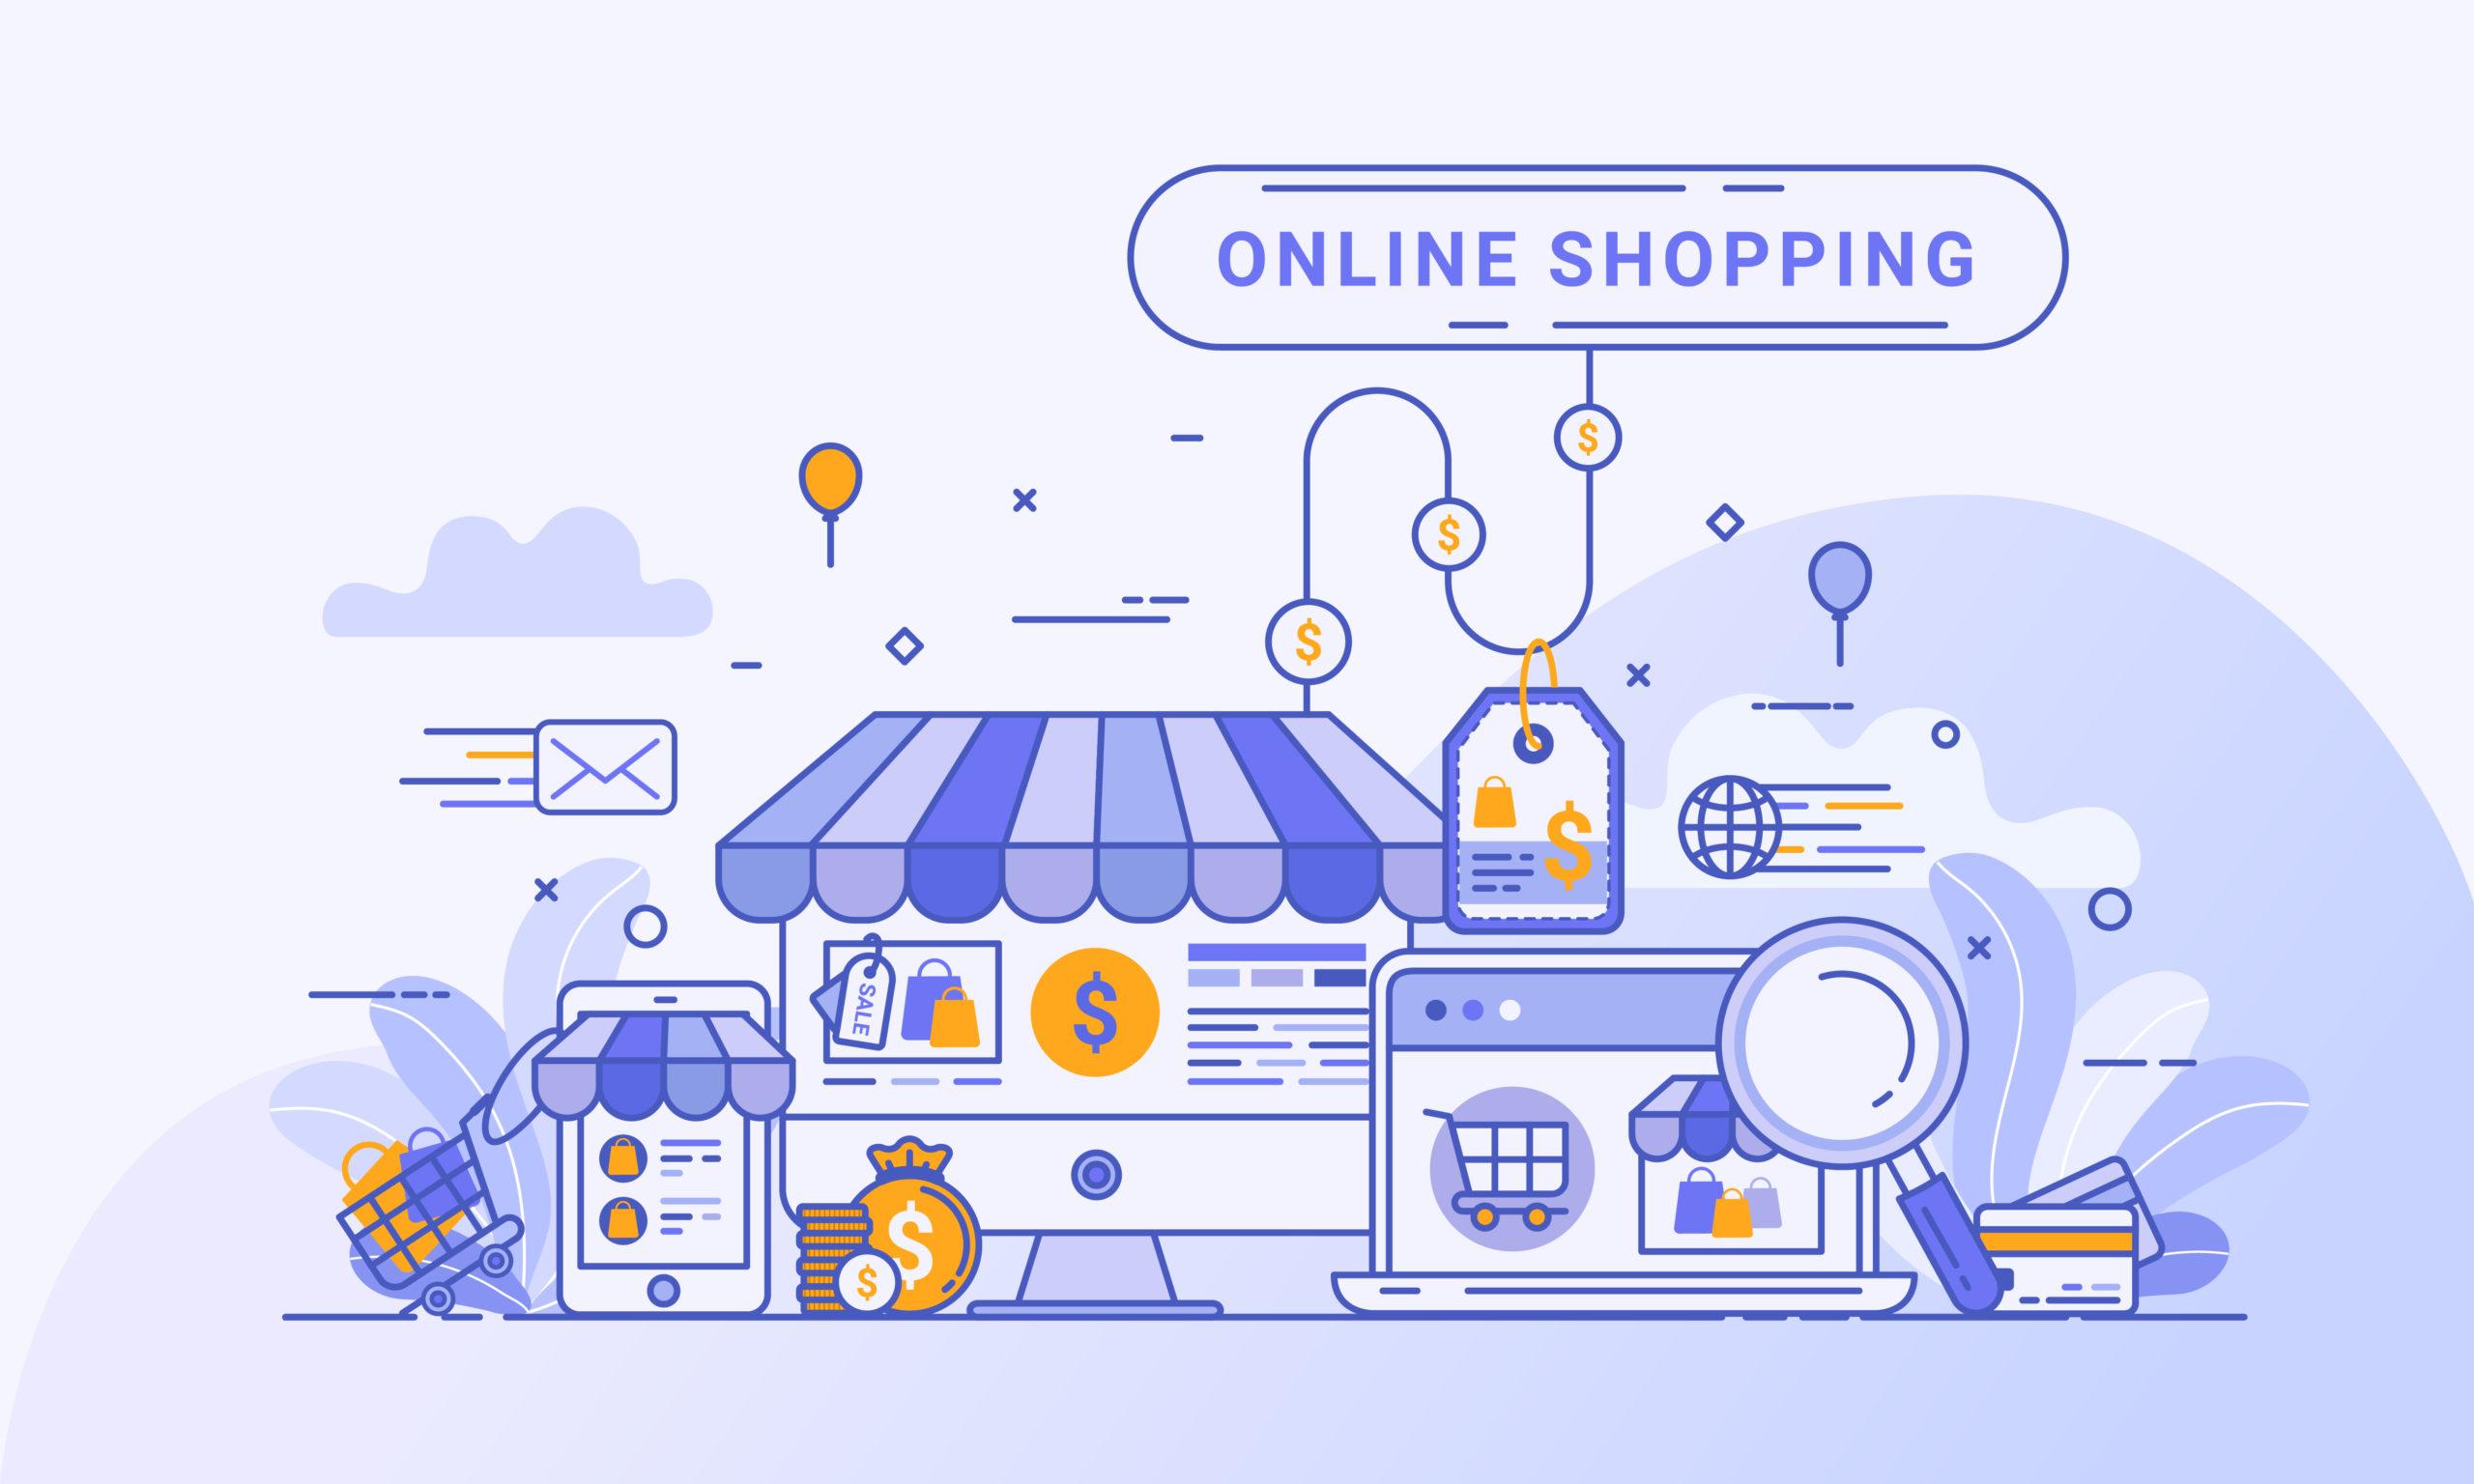 Kênh bán hàng online hiệu quả cho doanh nghiệp vừa và nhỏ